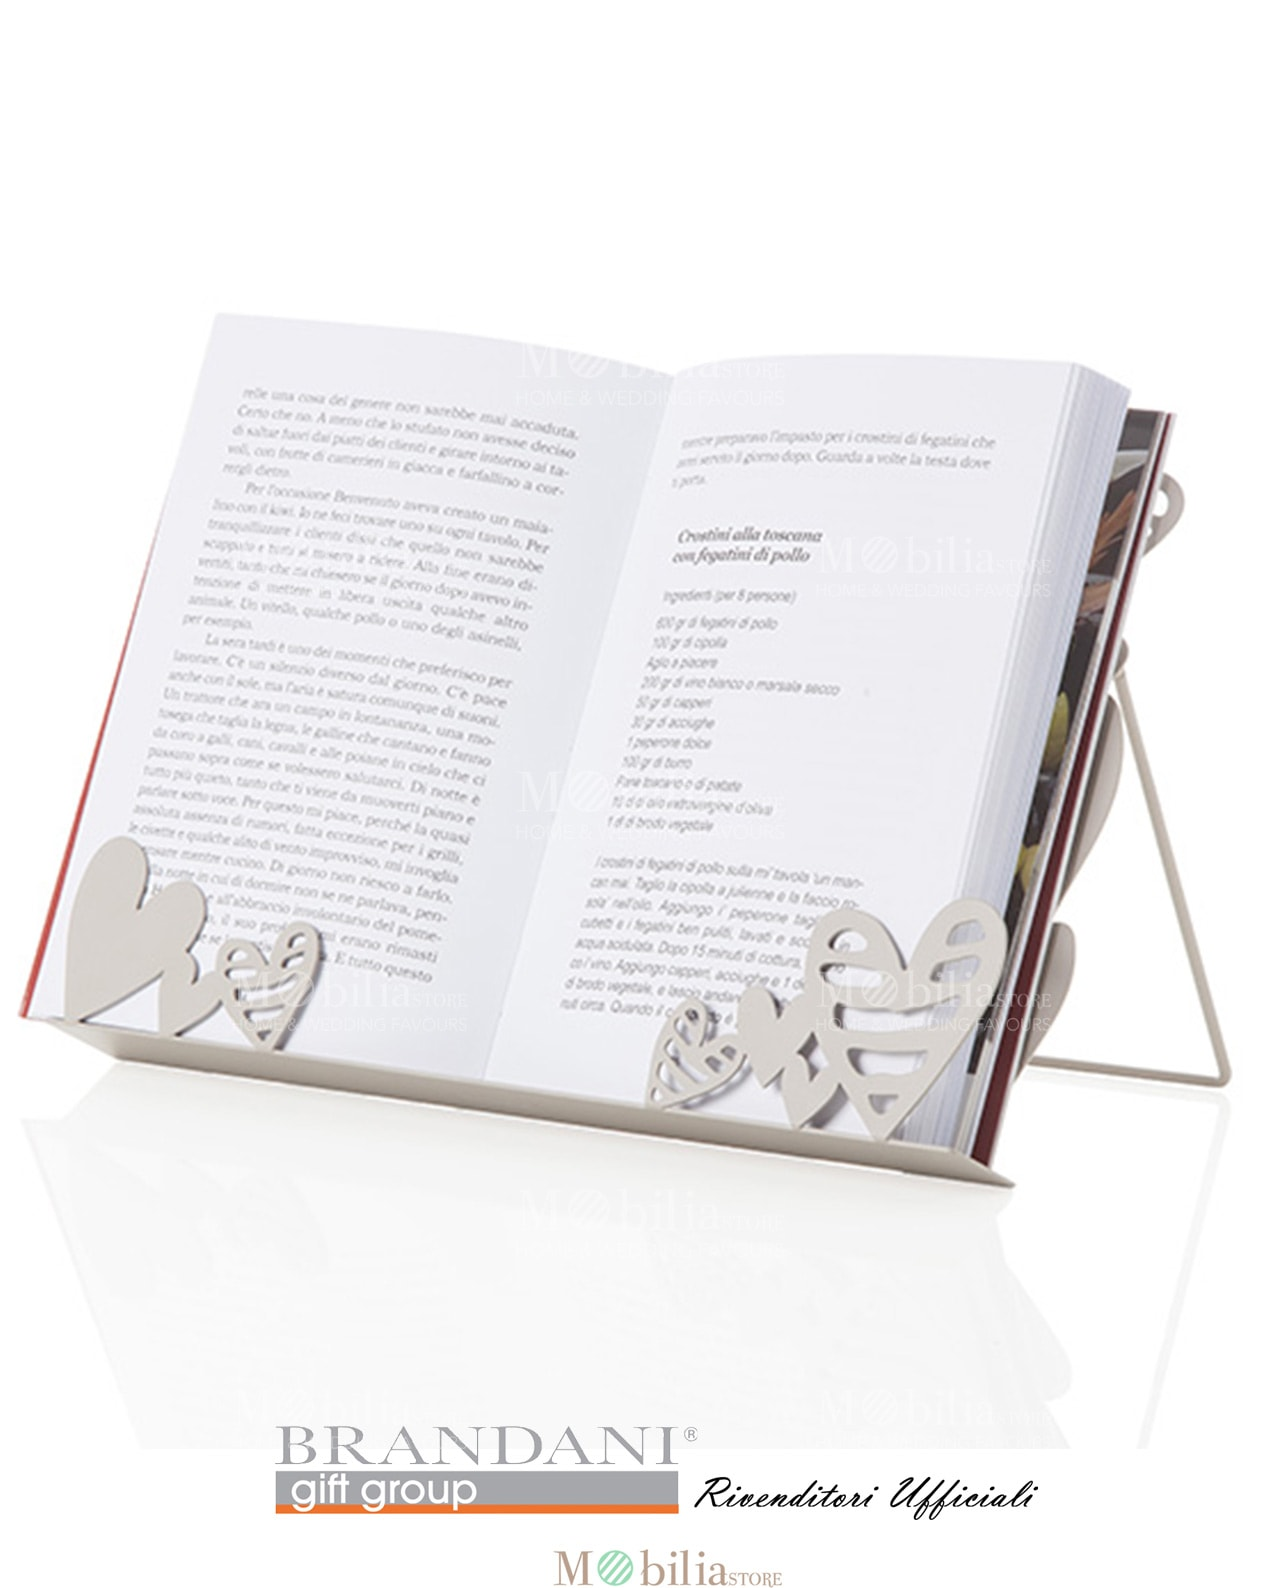 Leggio da tavolo metallo batticuore brandani spedizione - Leggio per libri da tavolo ...